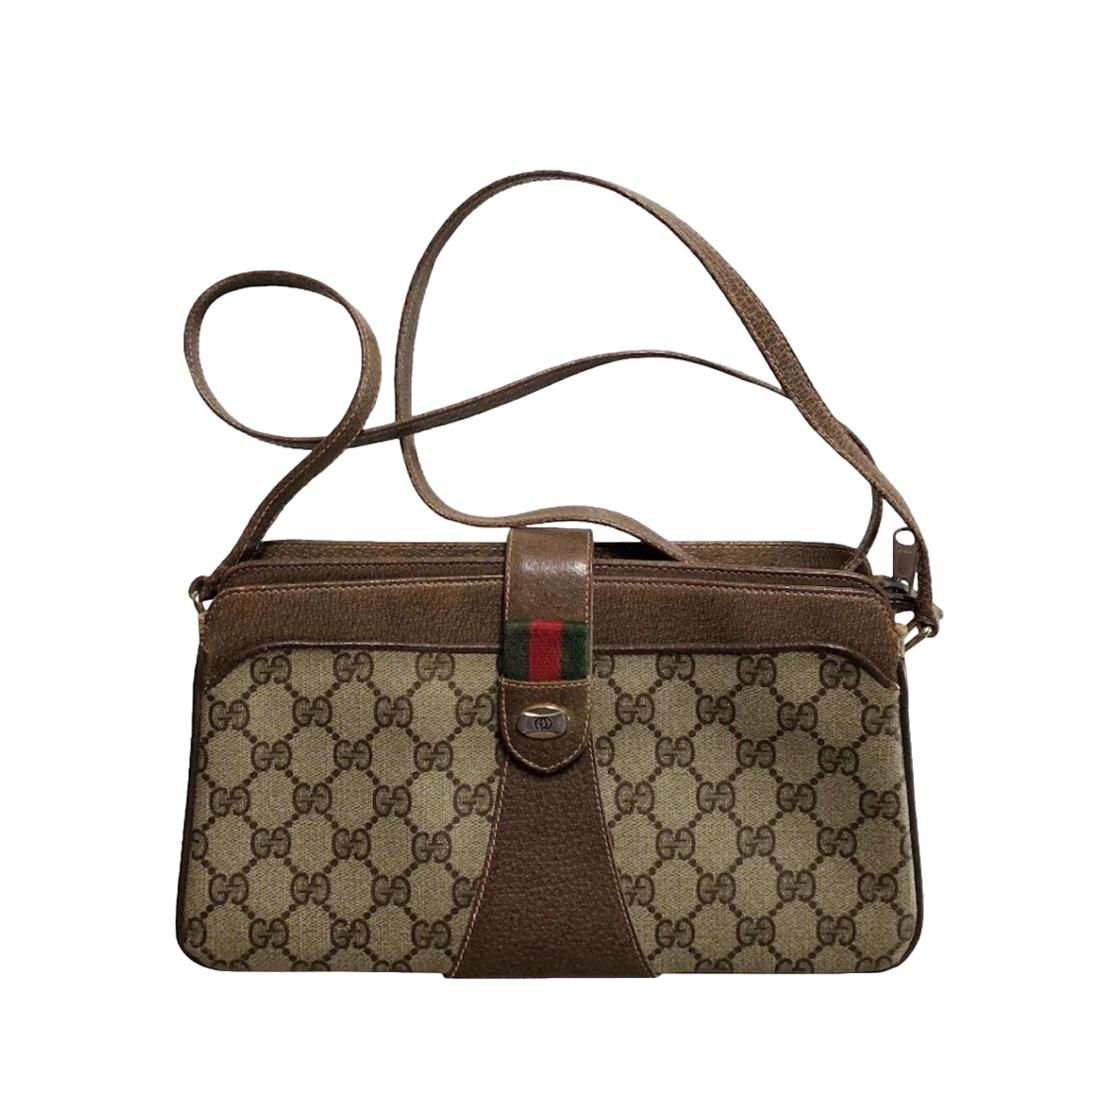 Gucci Vintage Monogram Supreme Ophidia Shoulder Bag